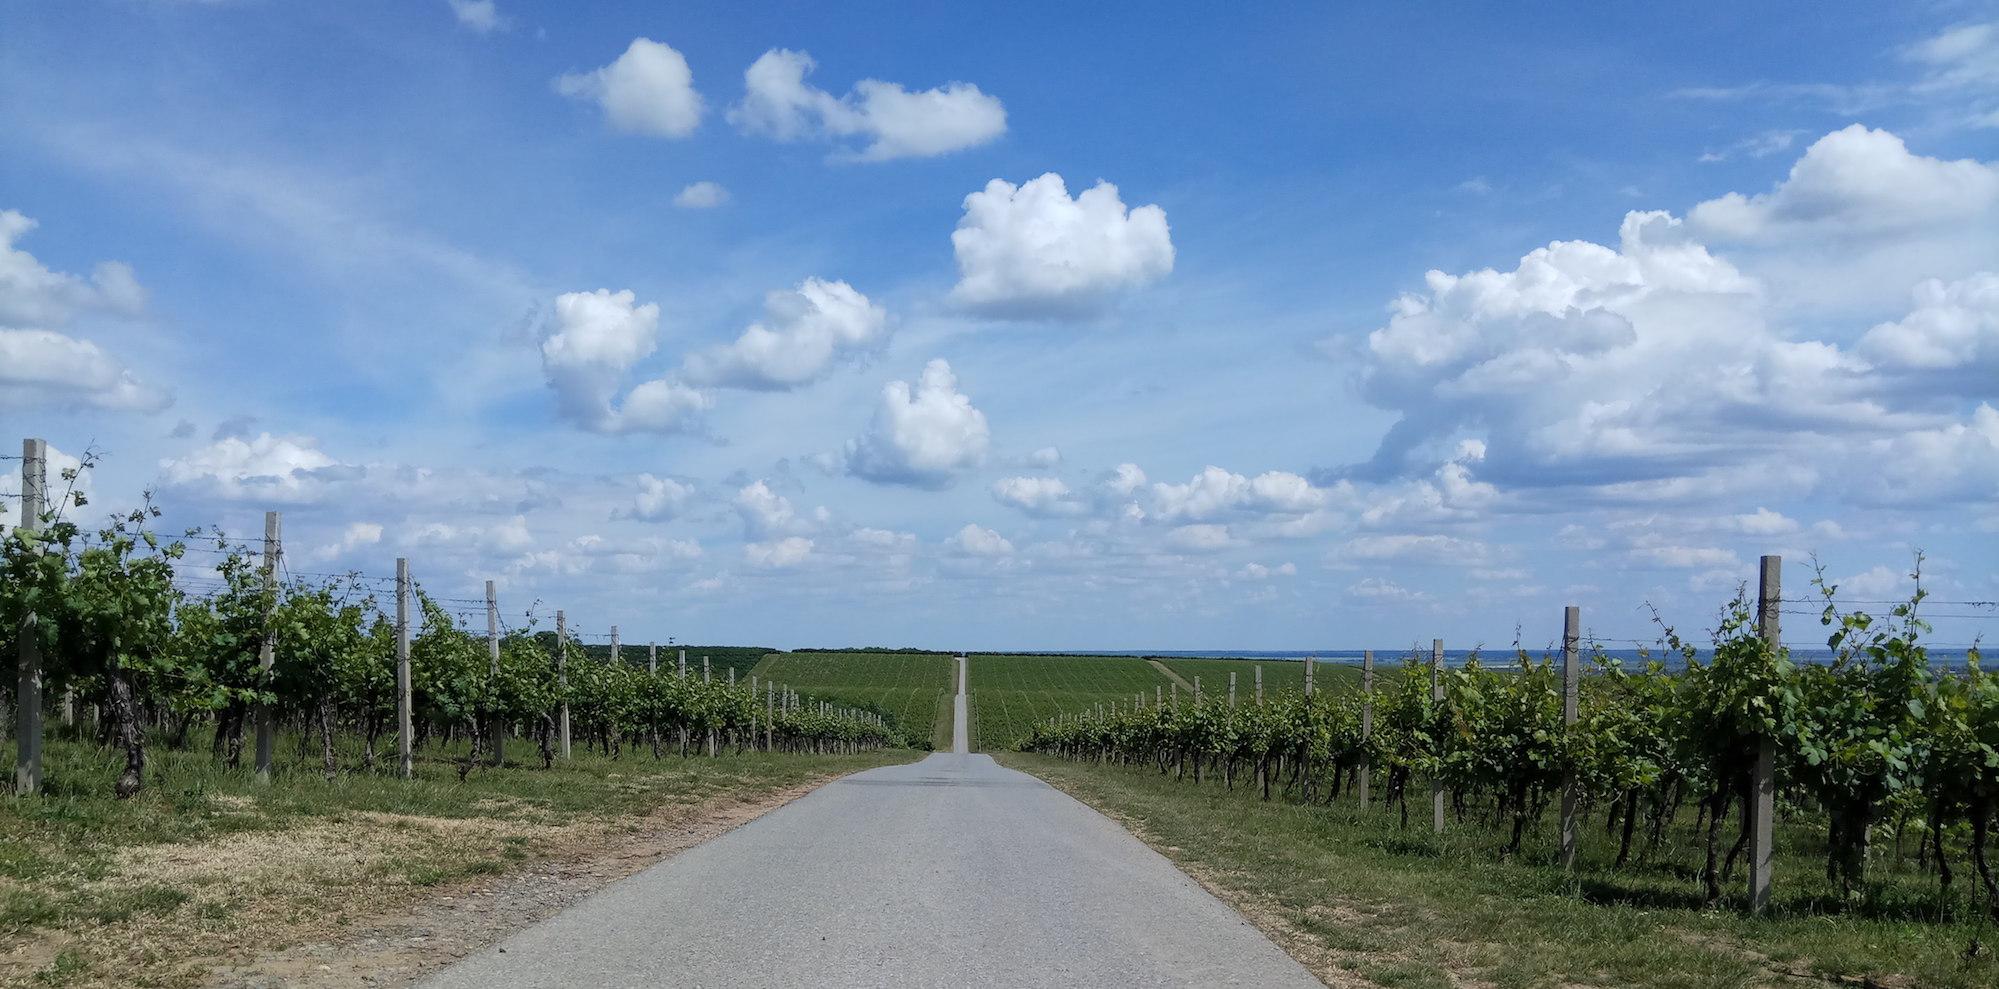 blog golly&bossy - baranjski vinogradi